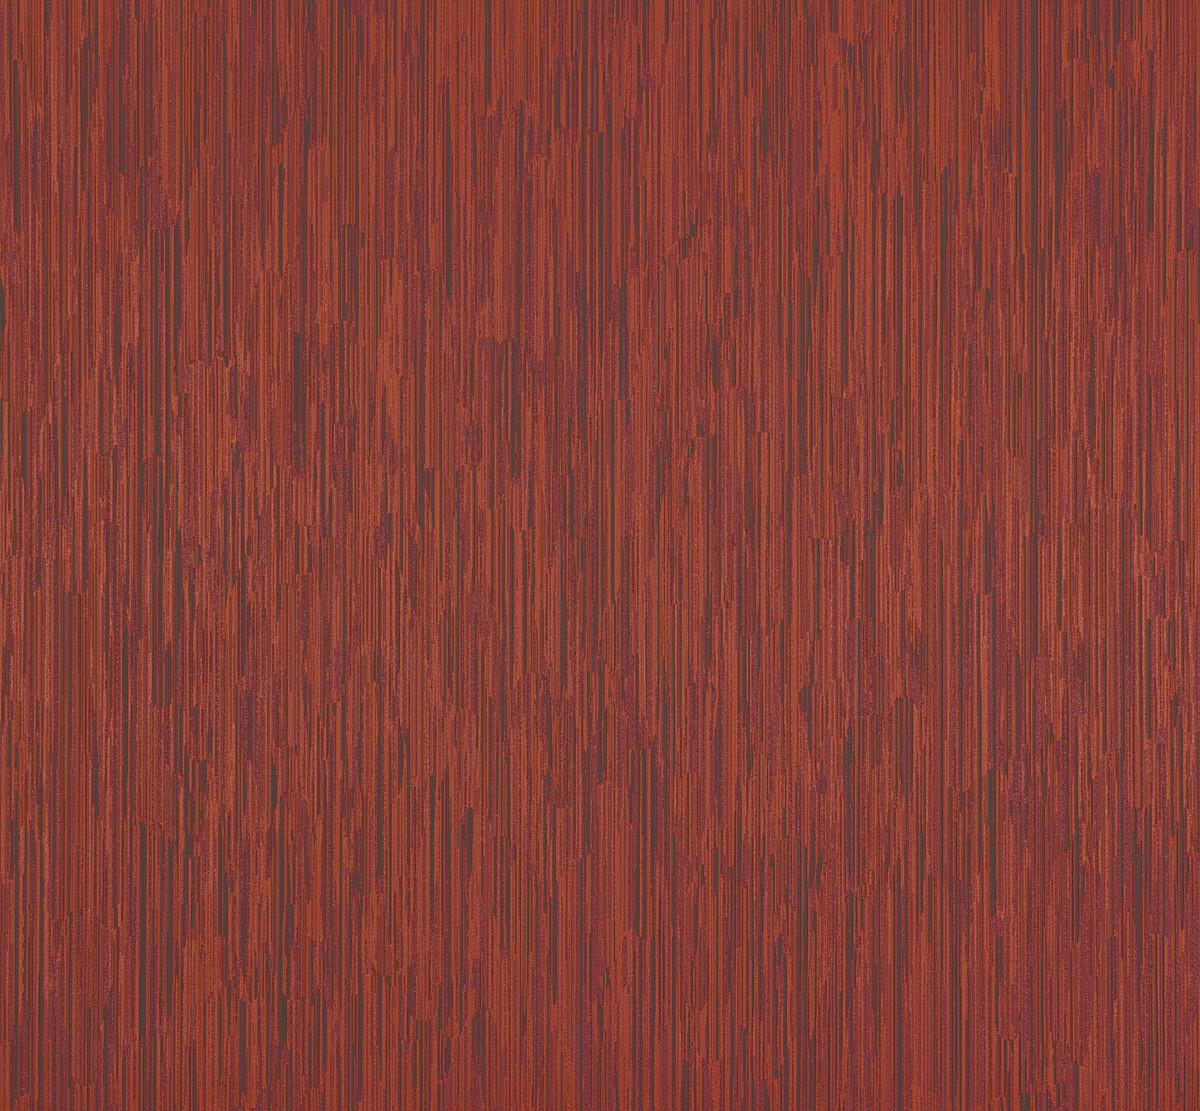 Tapete vlies streifen rot orange marburg 56927 for Tapete streifen rot